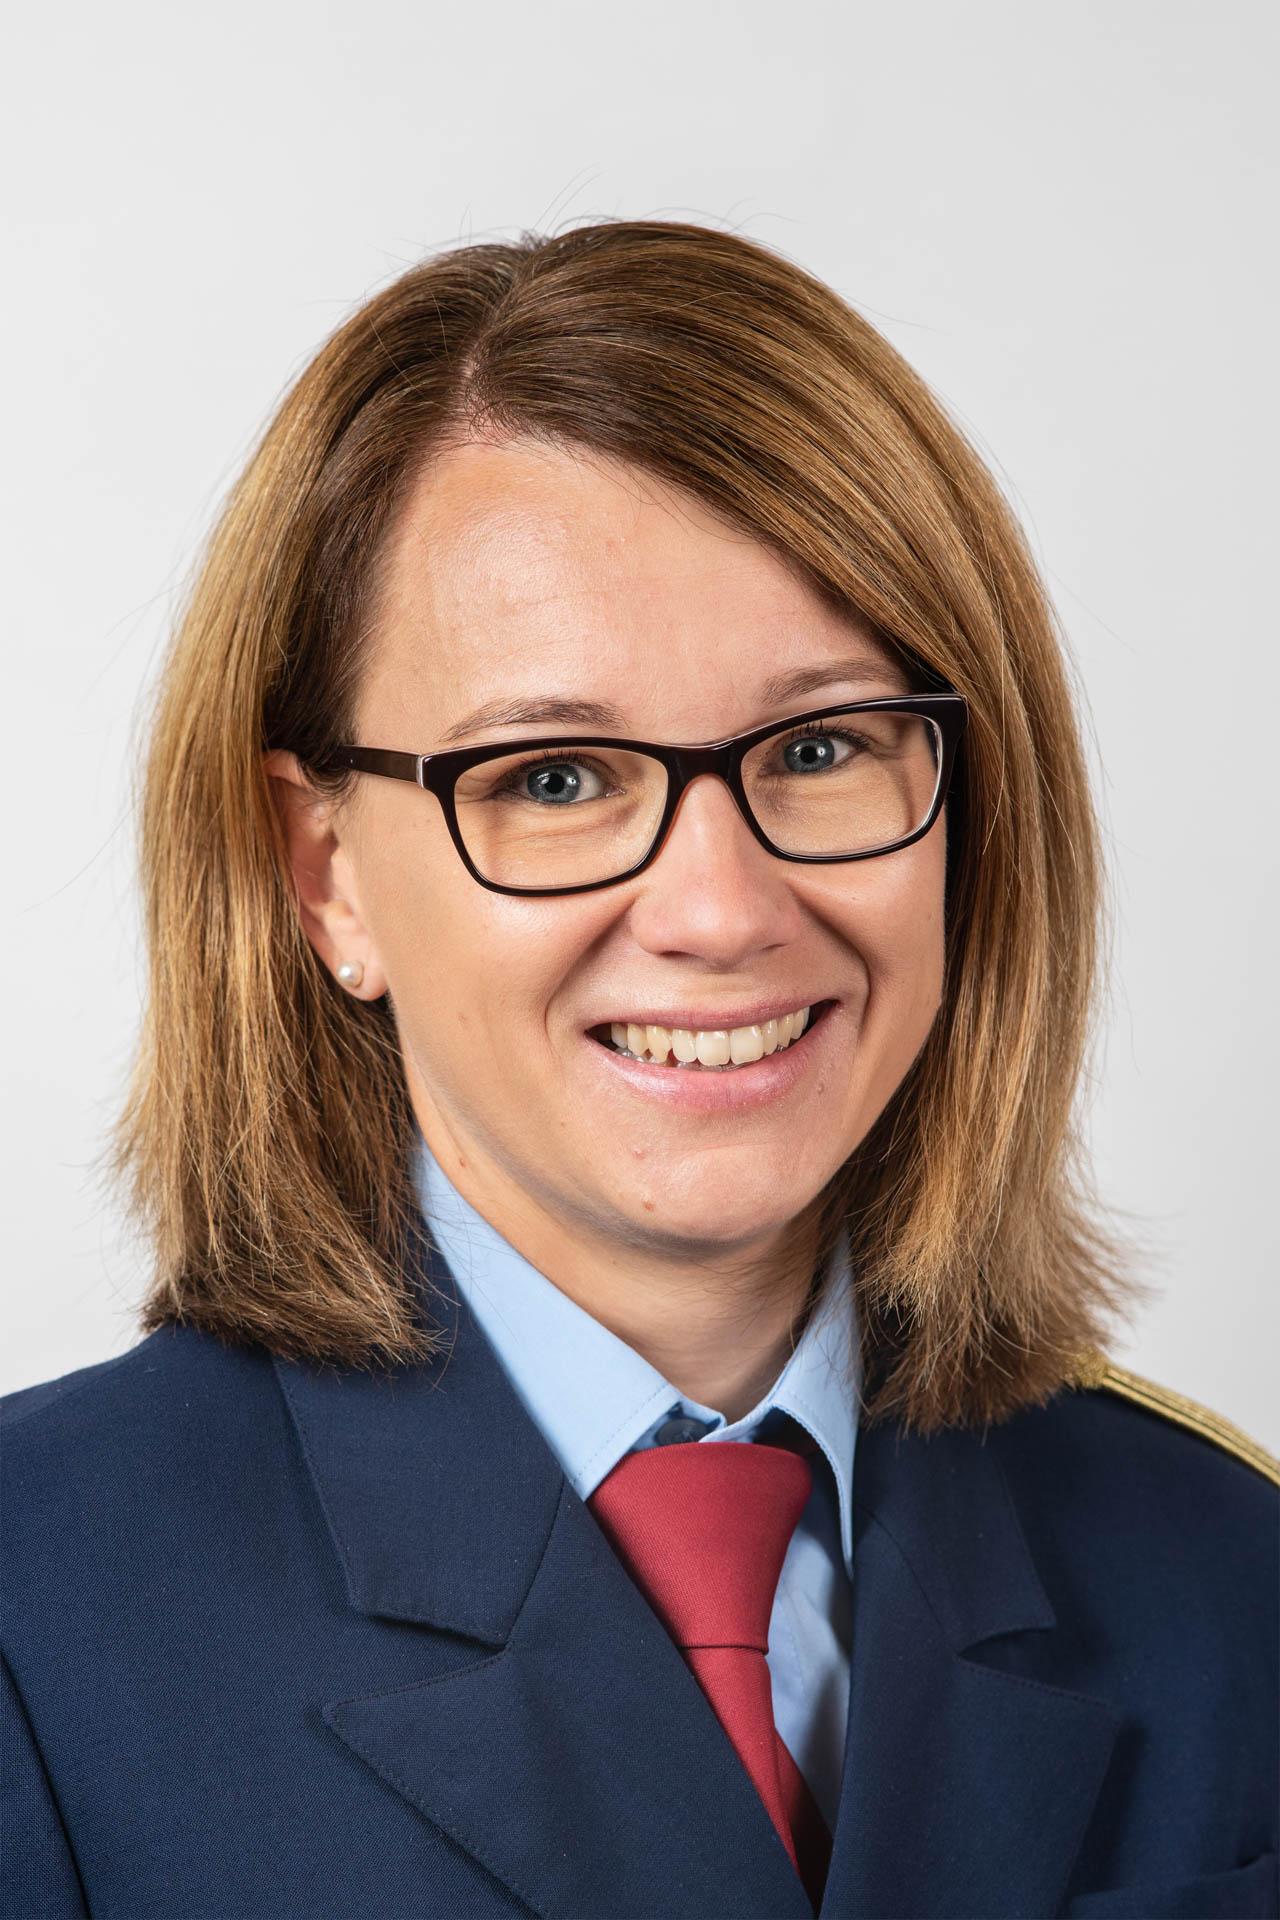 Karin Färber